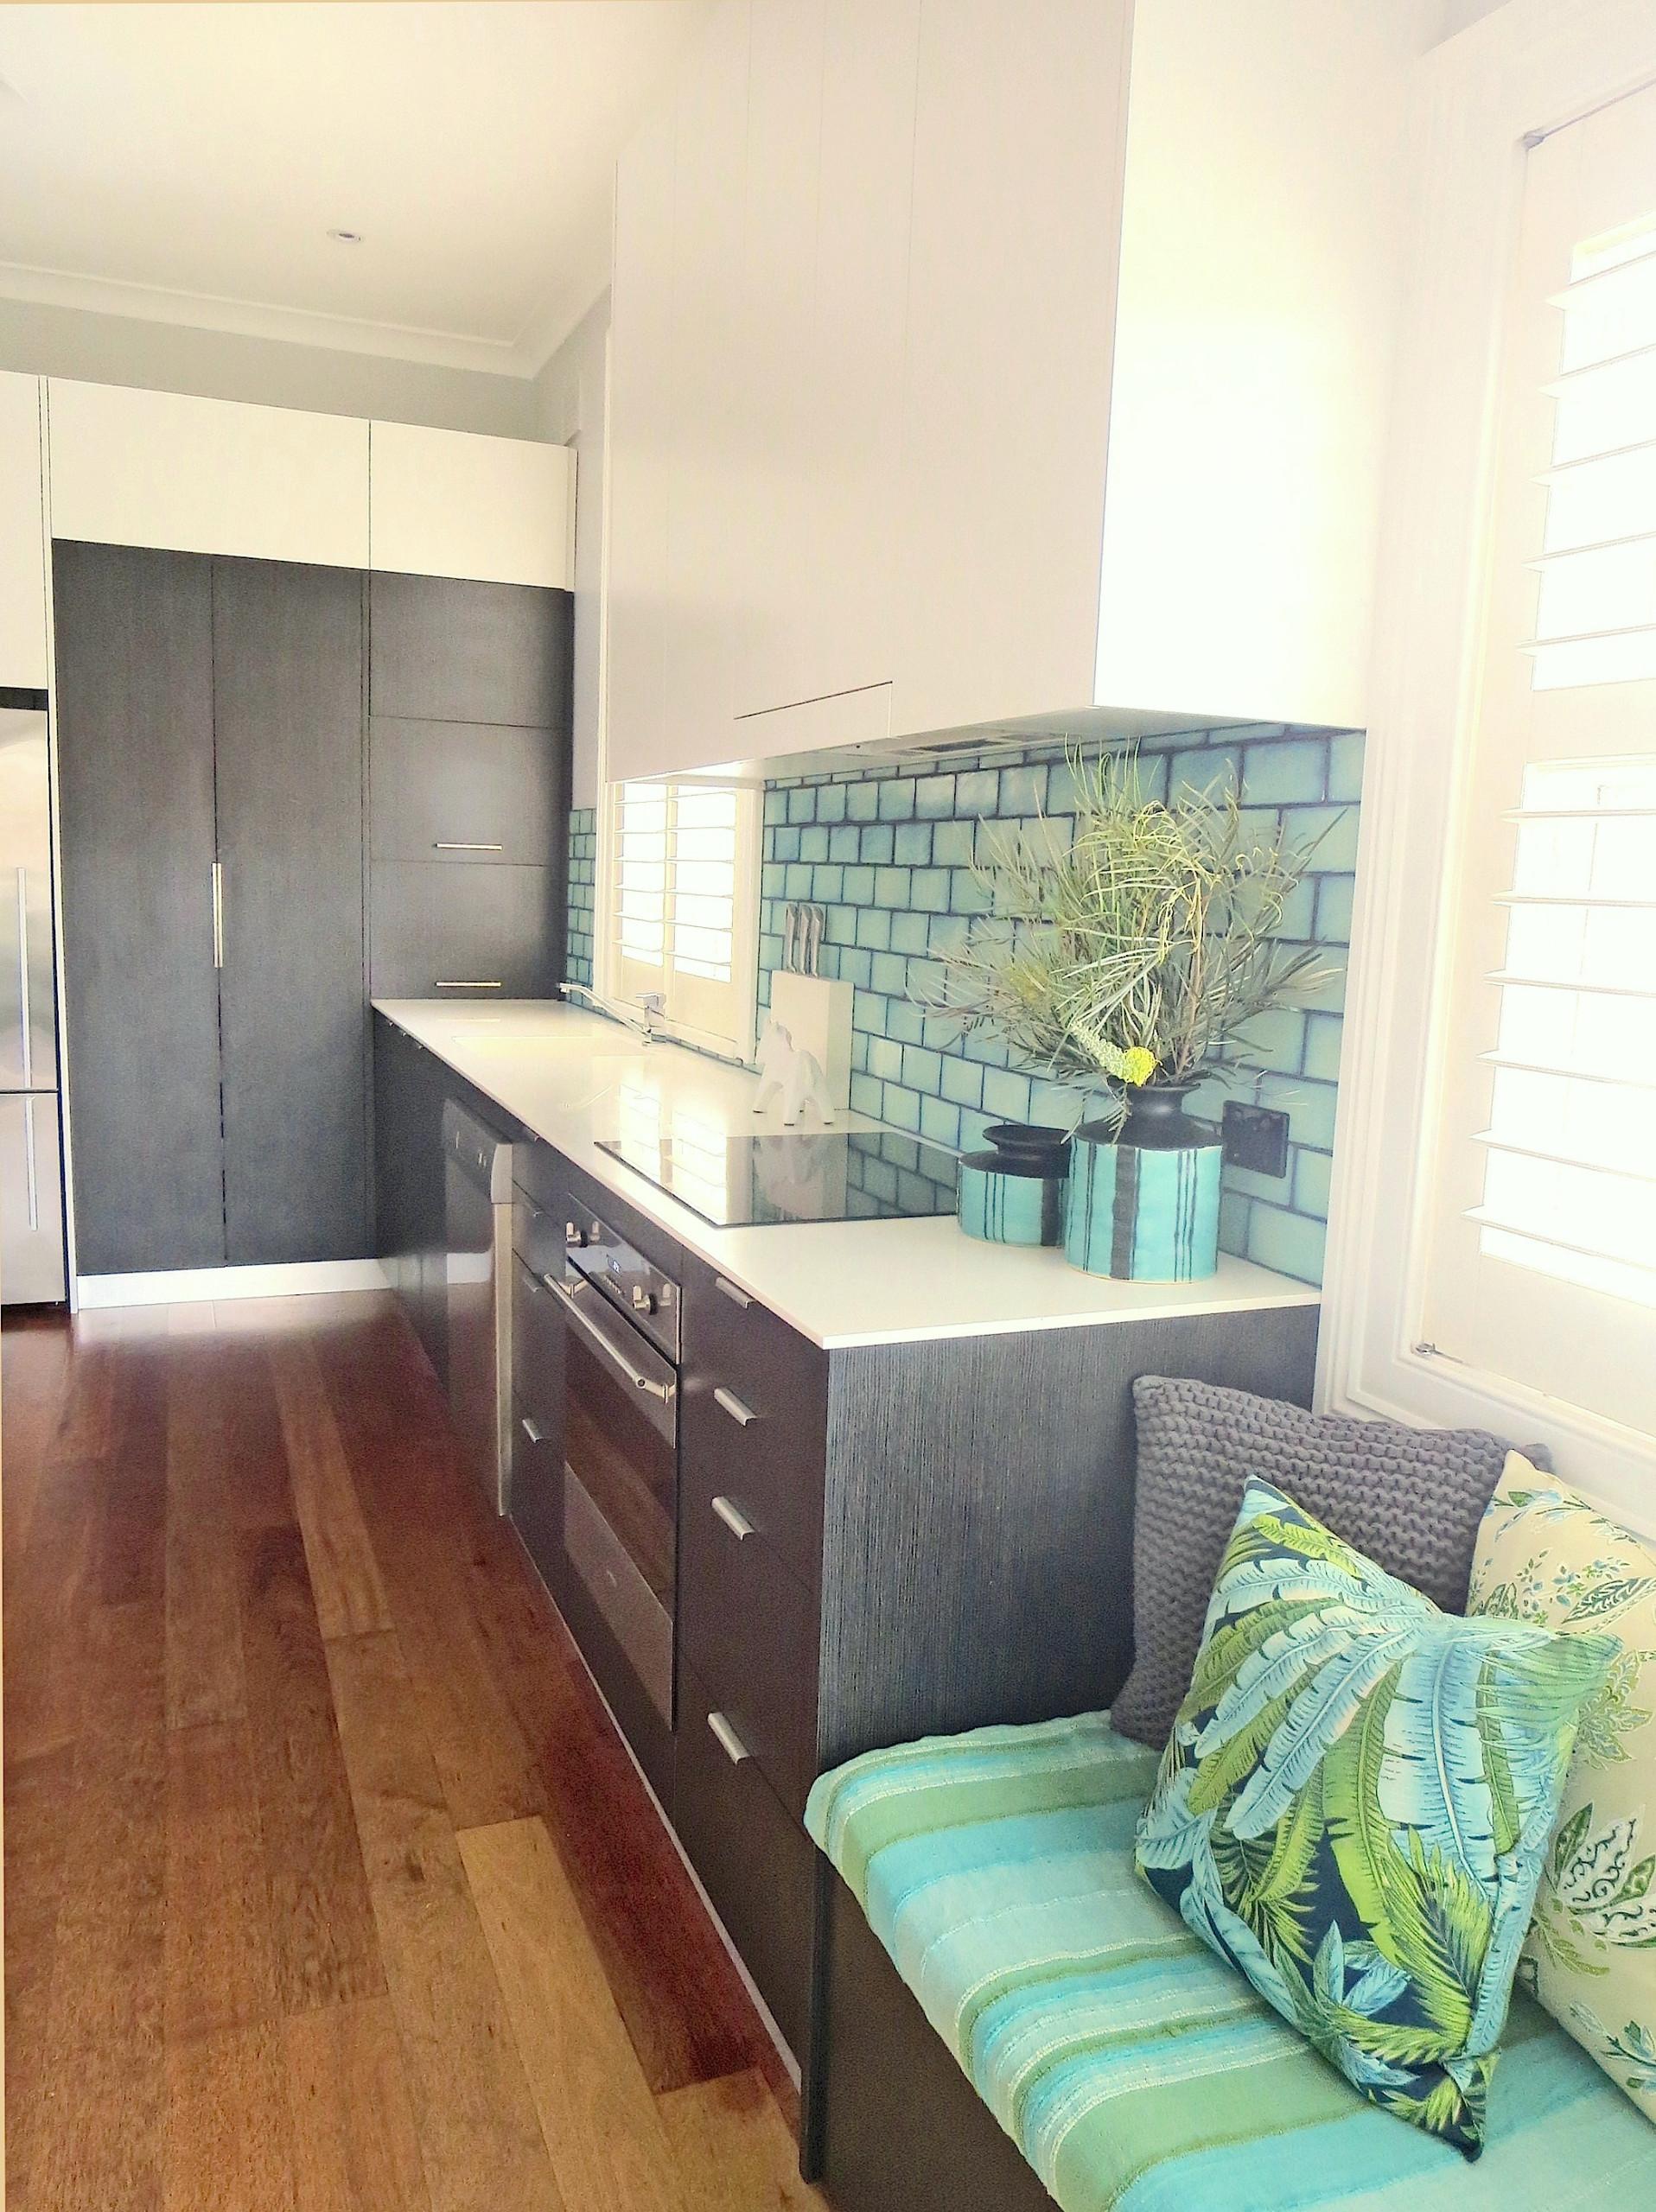 Kitchen - Residence - Crows Nest, Sydney